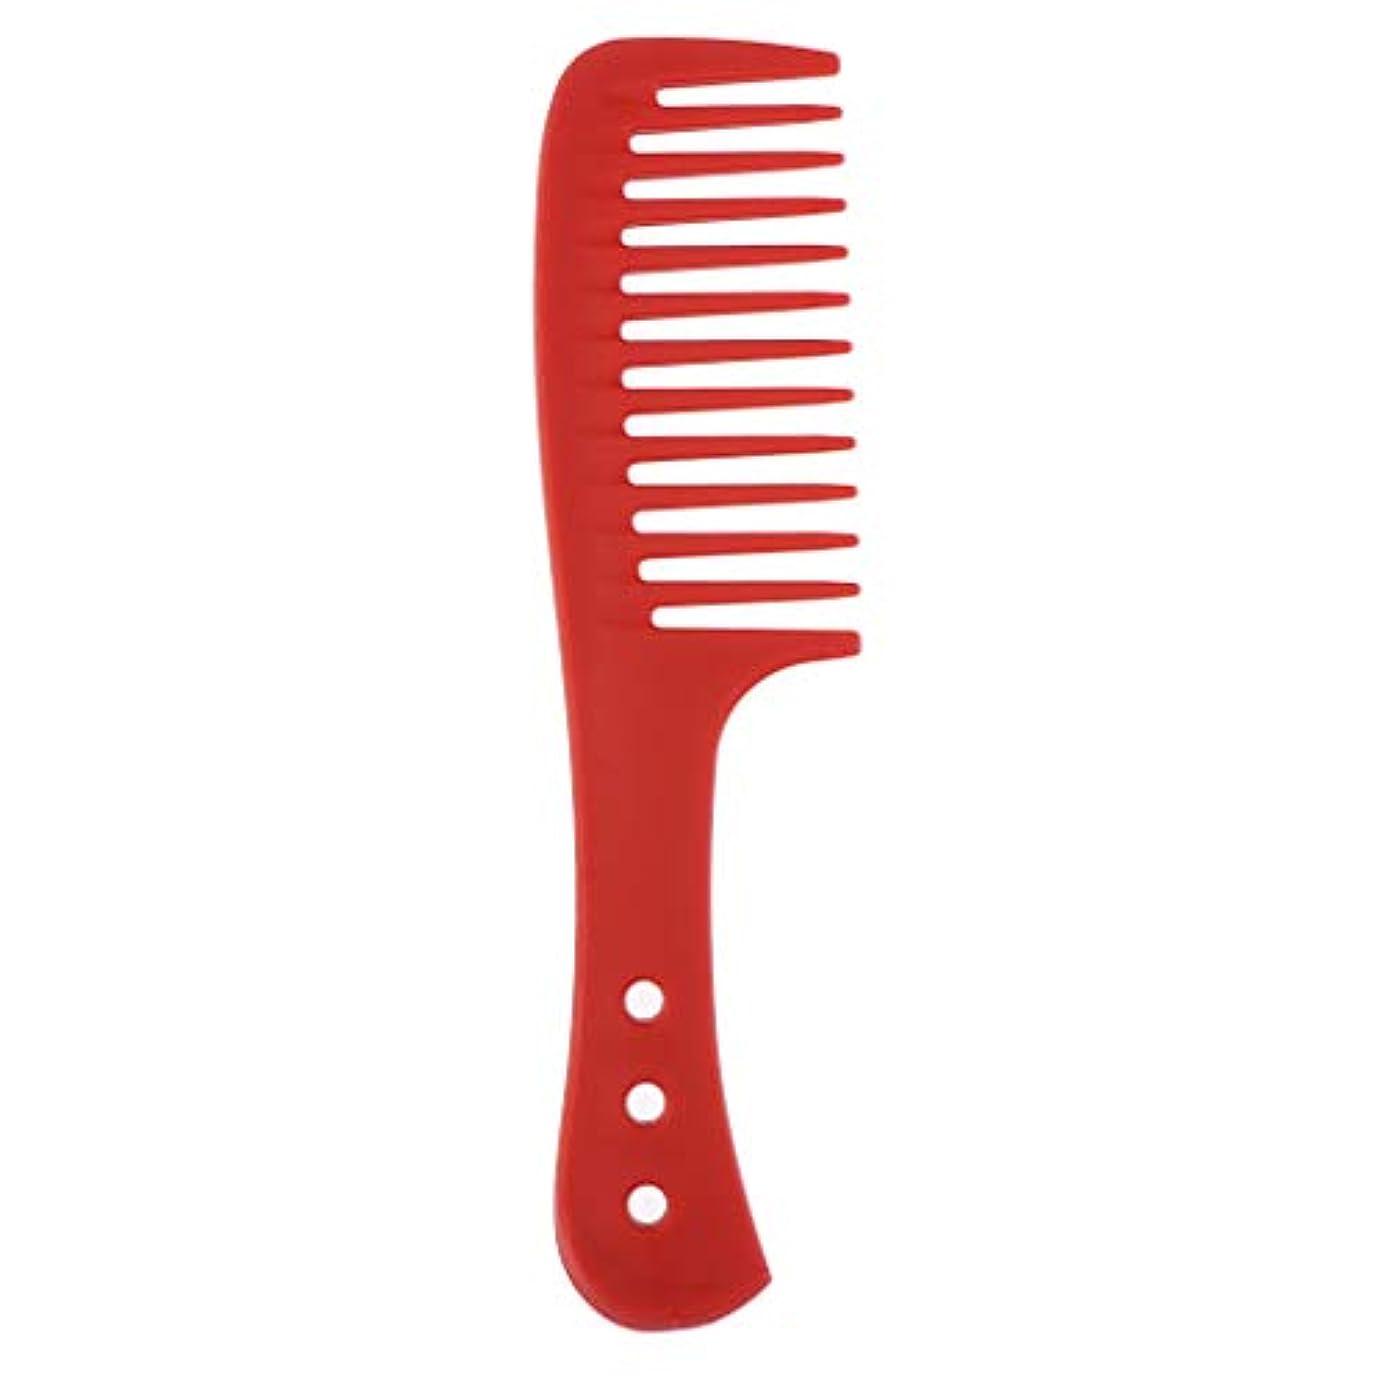 夫姪追い出すSM SunniMix ヘアコーム 櫛 ヘアブラシ ヘアケア 美髪ケア 帯電防止 4色選べ - 赤